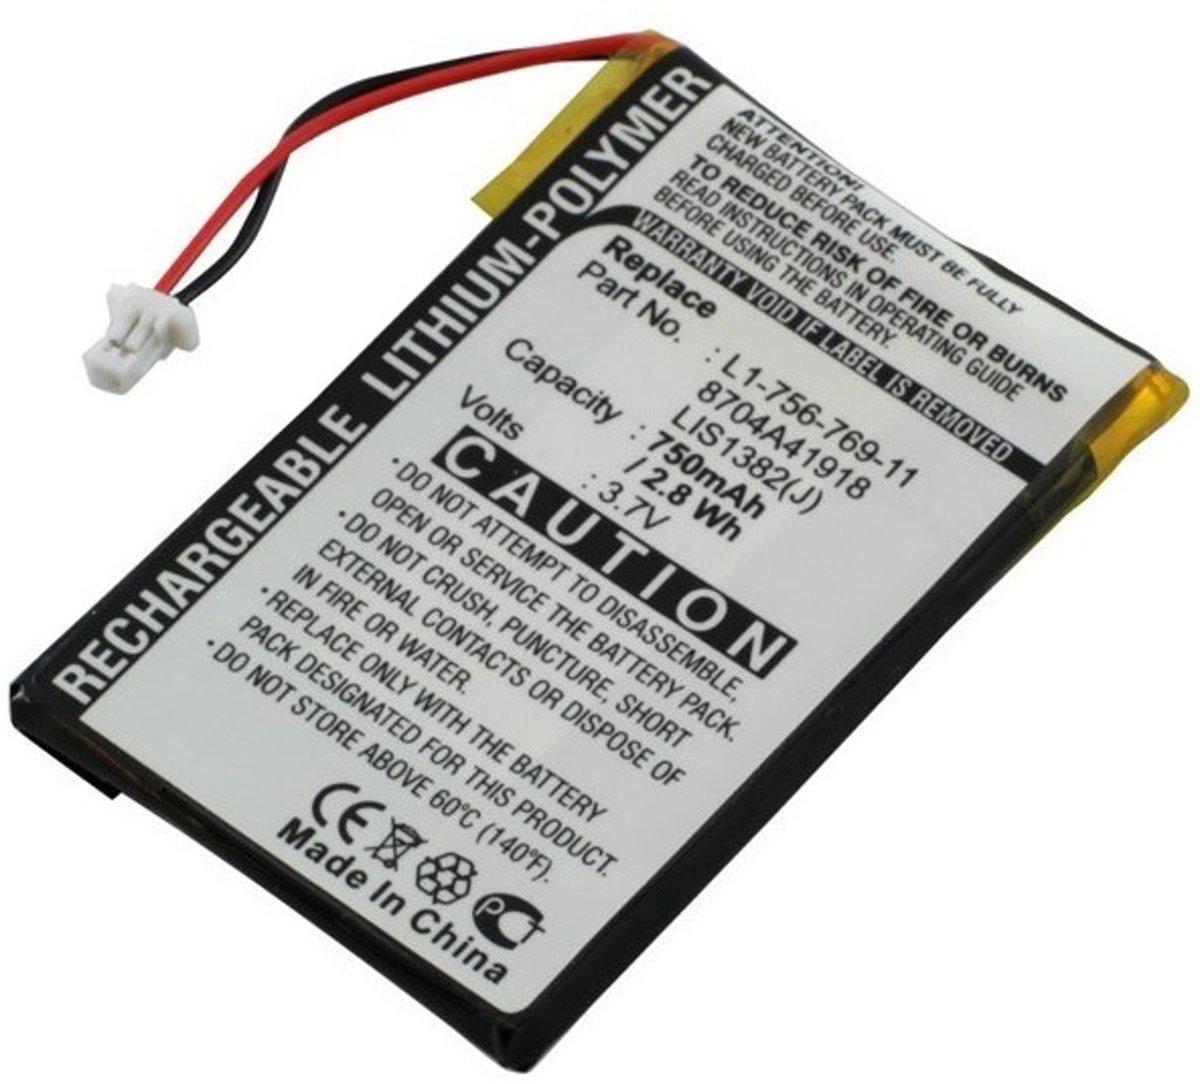 Batterij voor Sony Reader PRS-500/PRS-505/PRS-700 ON2339 kopen